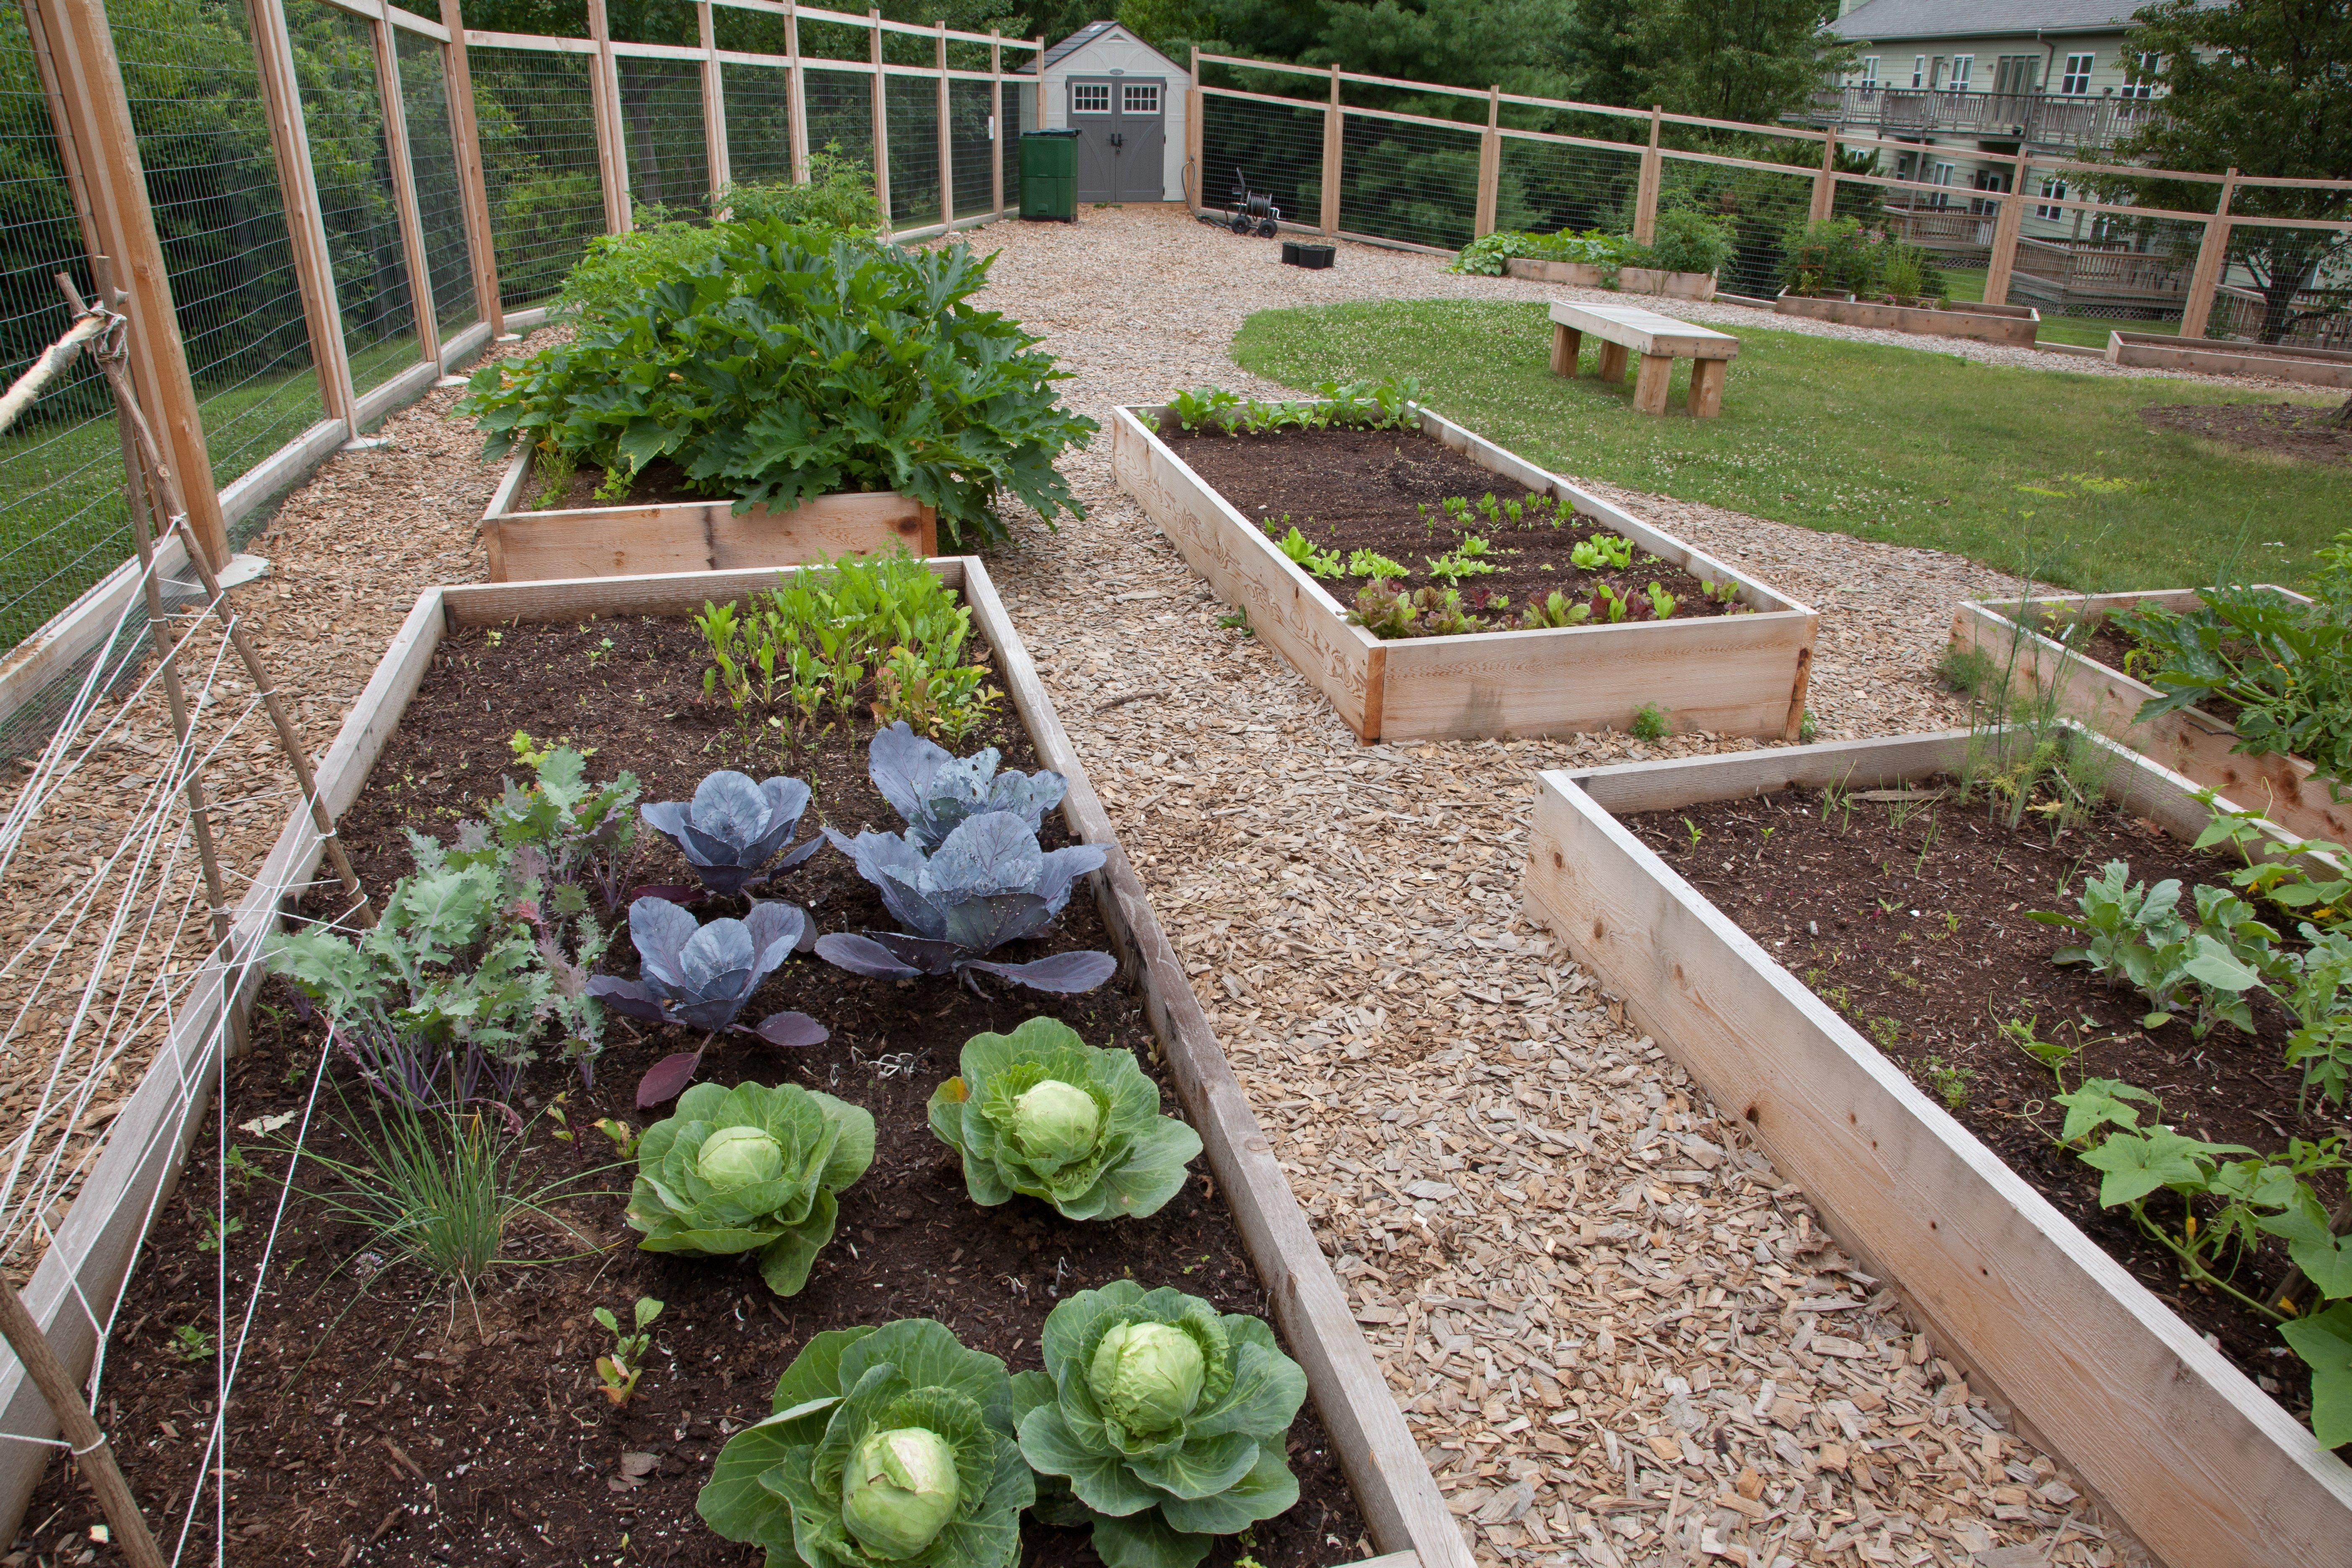 Abodes Organic Community Garden